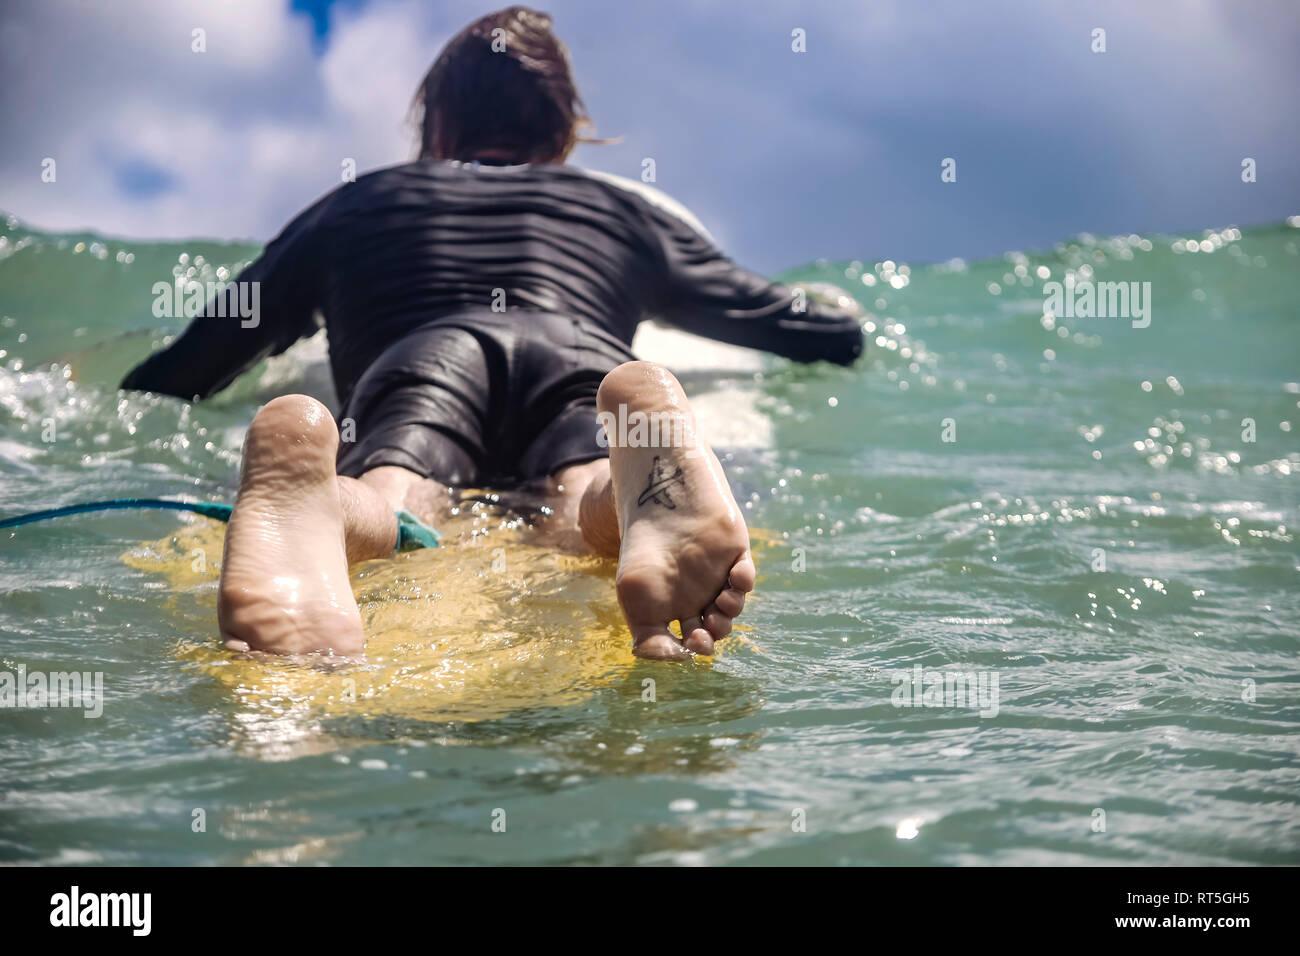 L'INDONÉSIE, Bali, Kuta, surfer allongé sur une planche de surf, tatouage sur la plante des pieds Banque D'Images